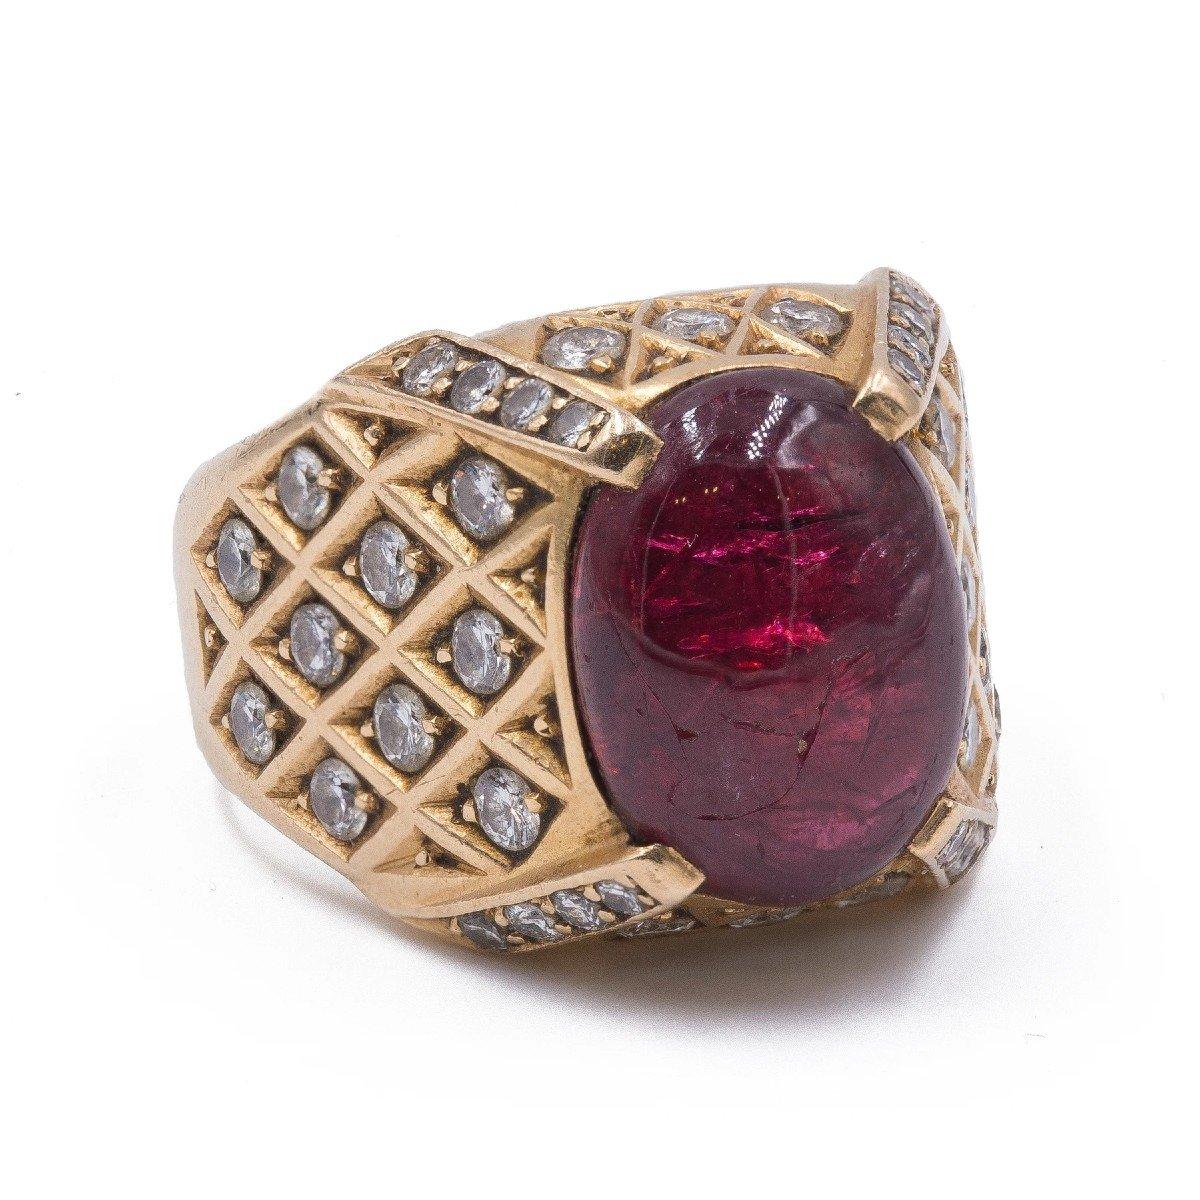 Bague Pour Homme Vintage En Or 18 K Avec Rubis Cabochon Et Diamants, 60